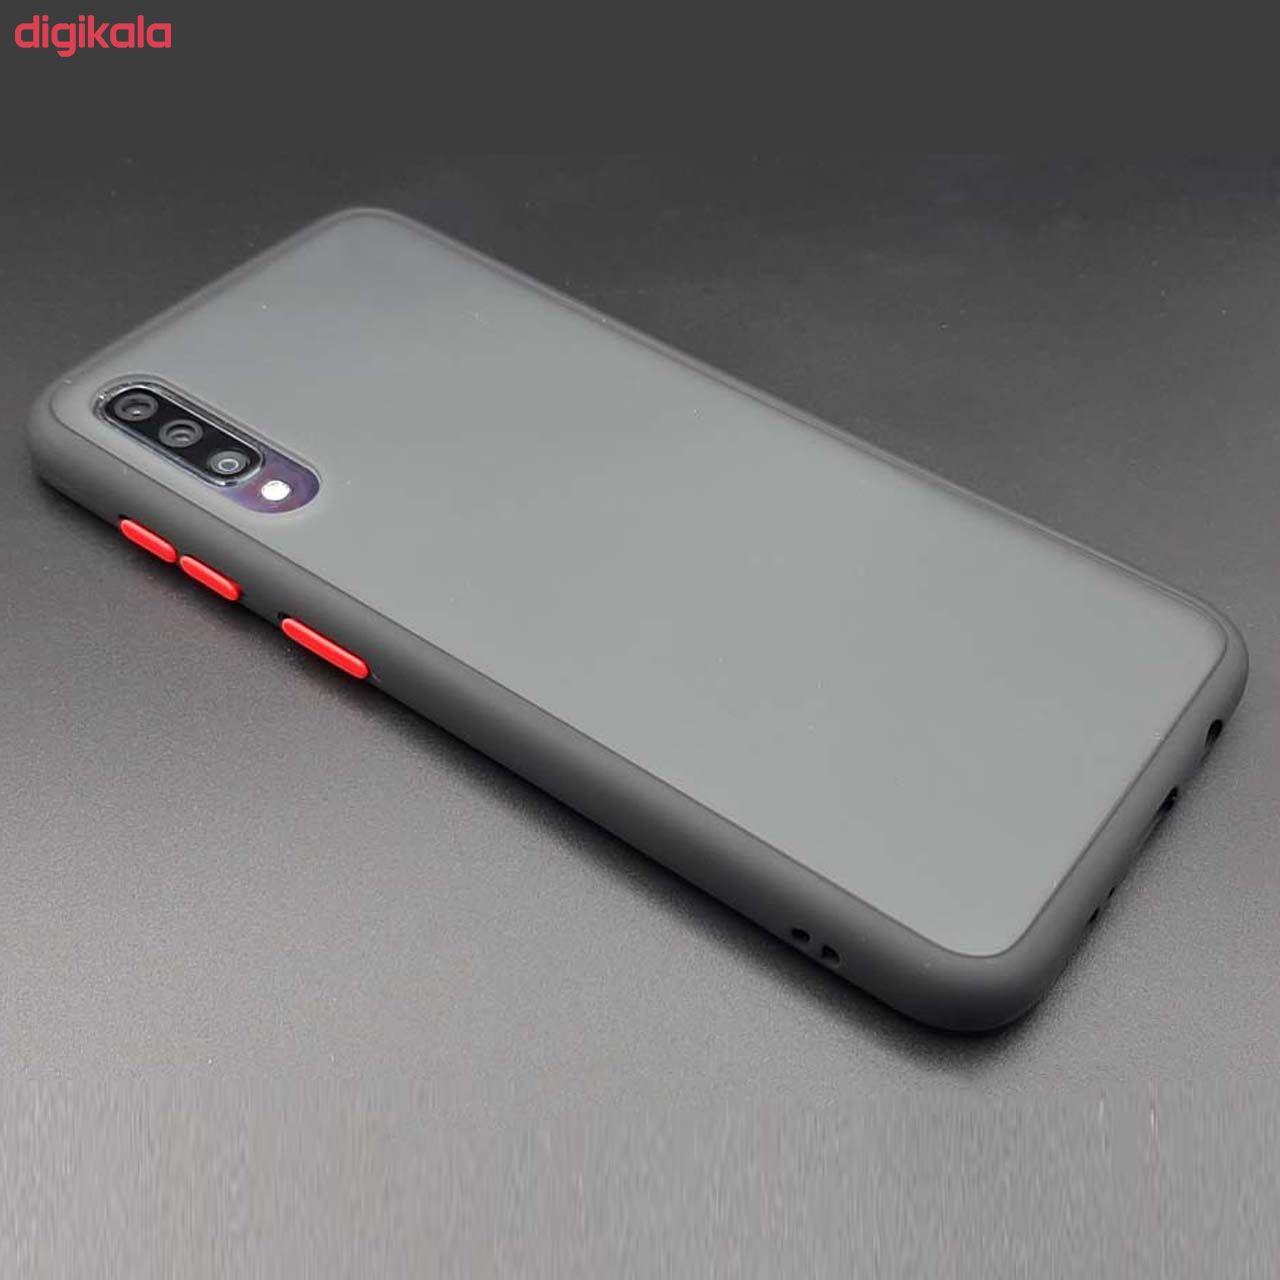 کاور کینگ پاور مدل M21 مناسب برای گوشی موبایل سامسونگ Galaxy A70/ A70S main 1 2